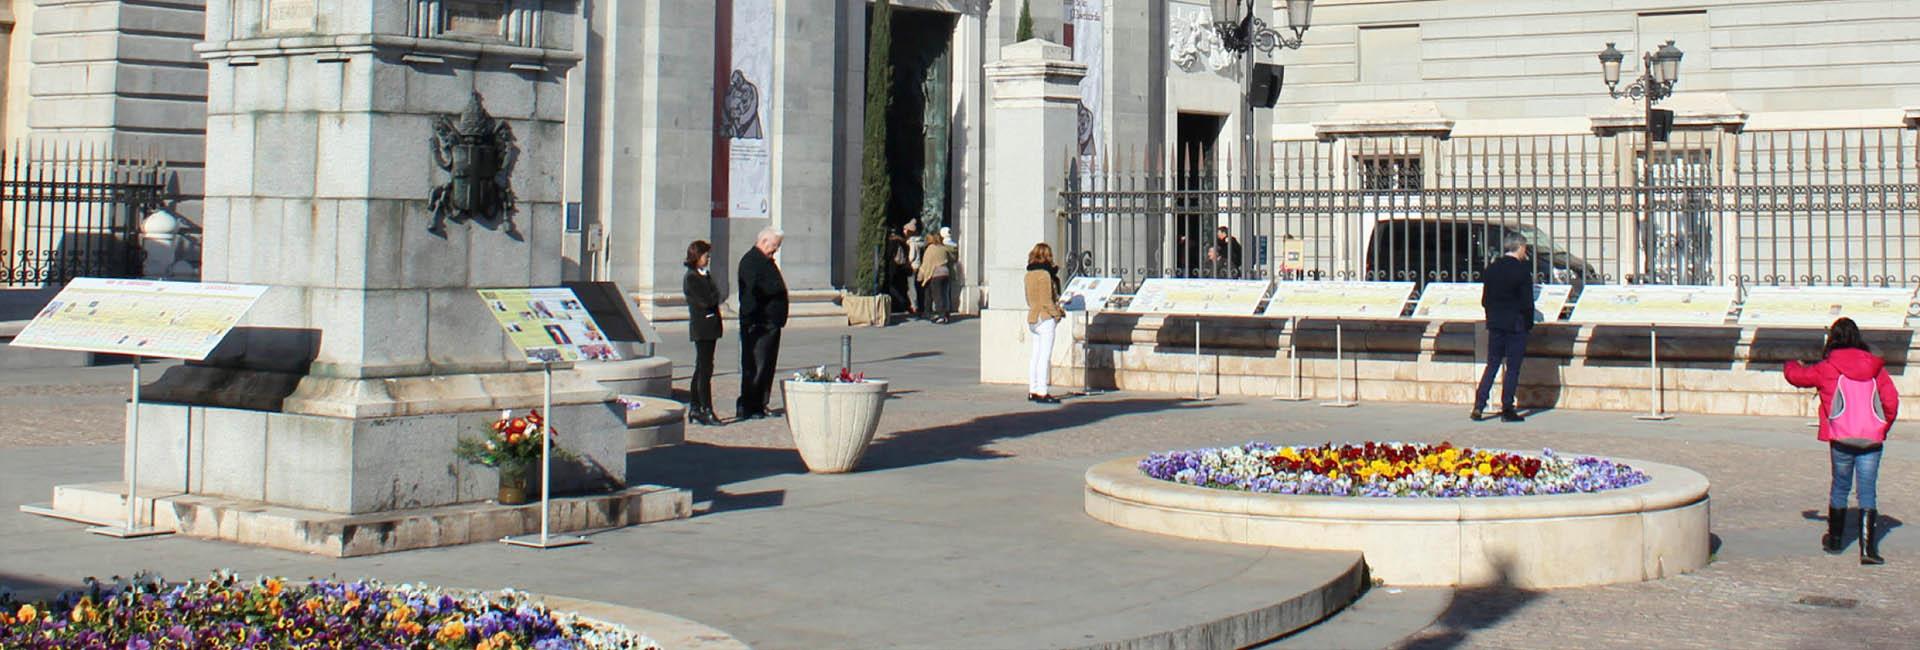 Catedral de Almudena. Plaza de San Juan Pablo ll.